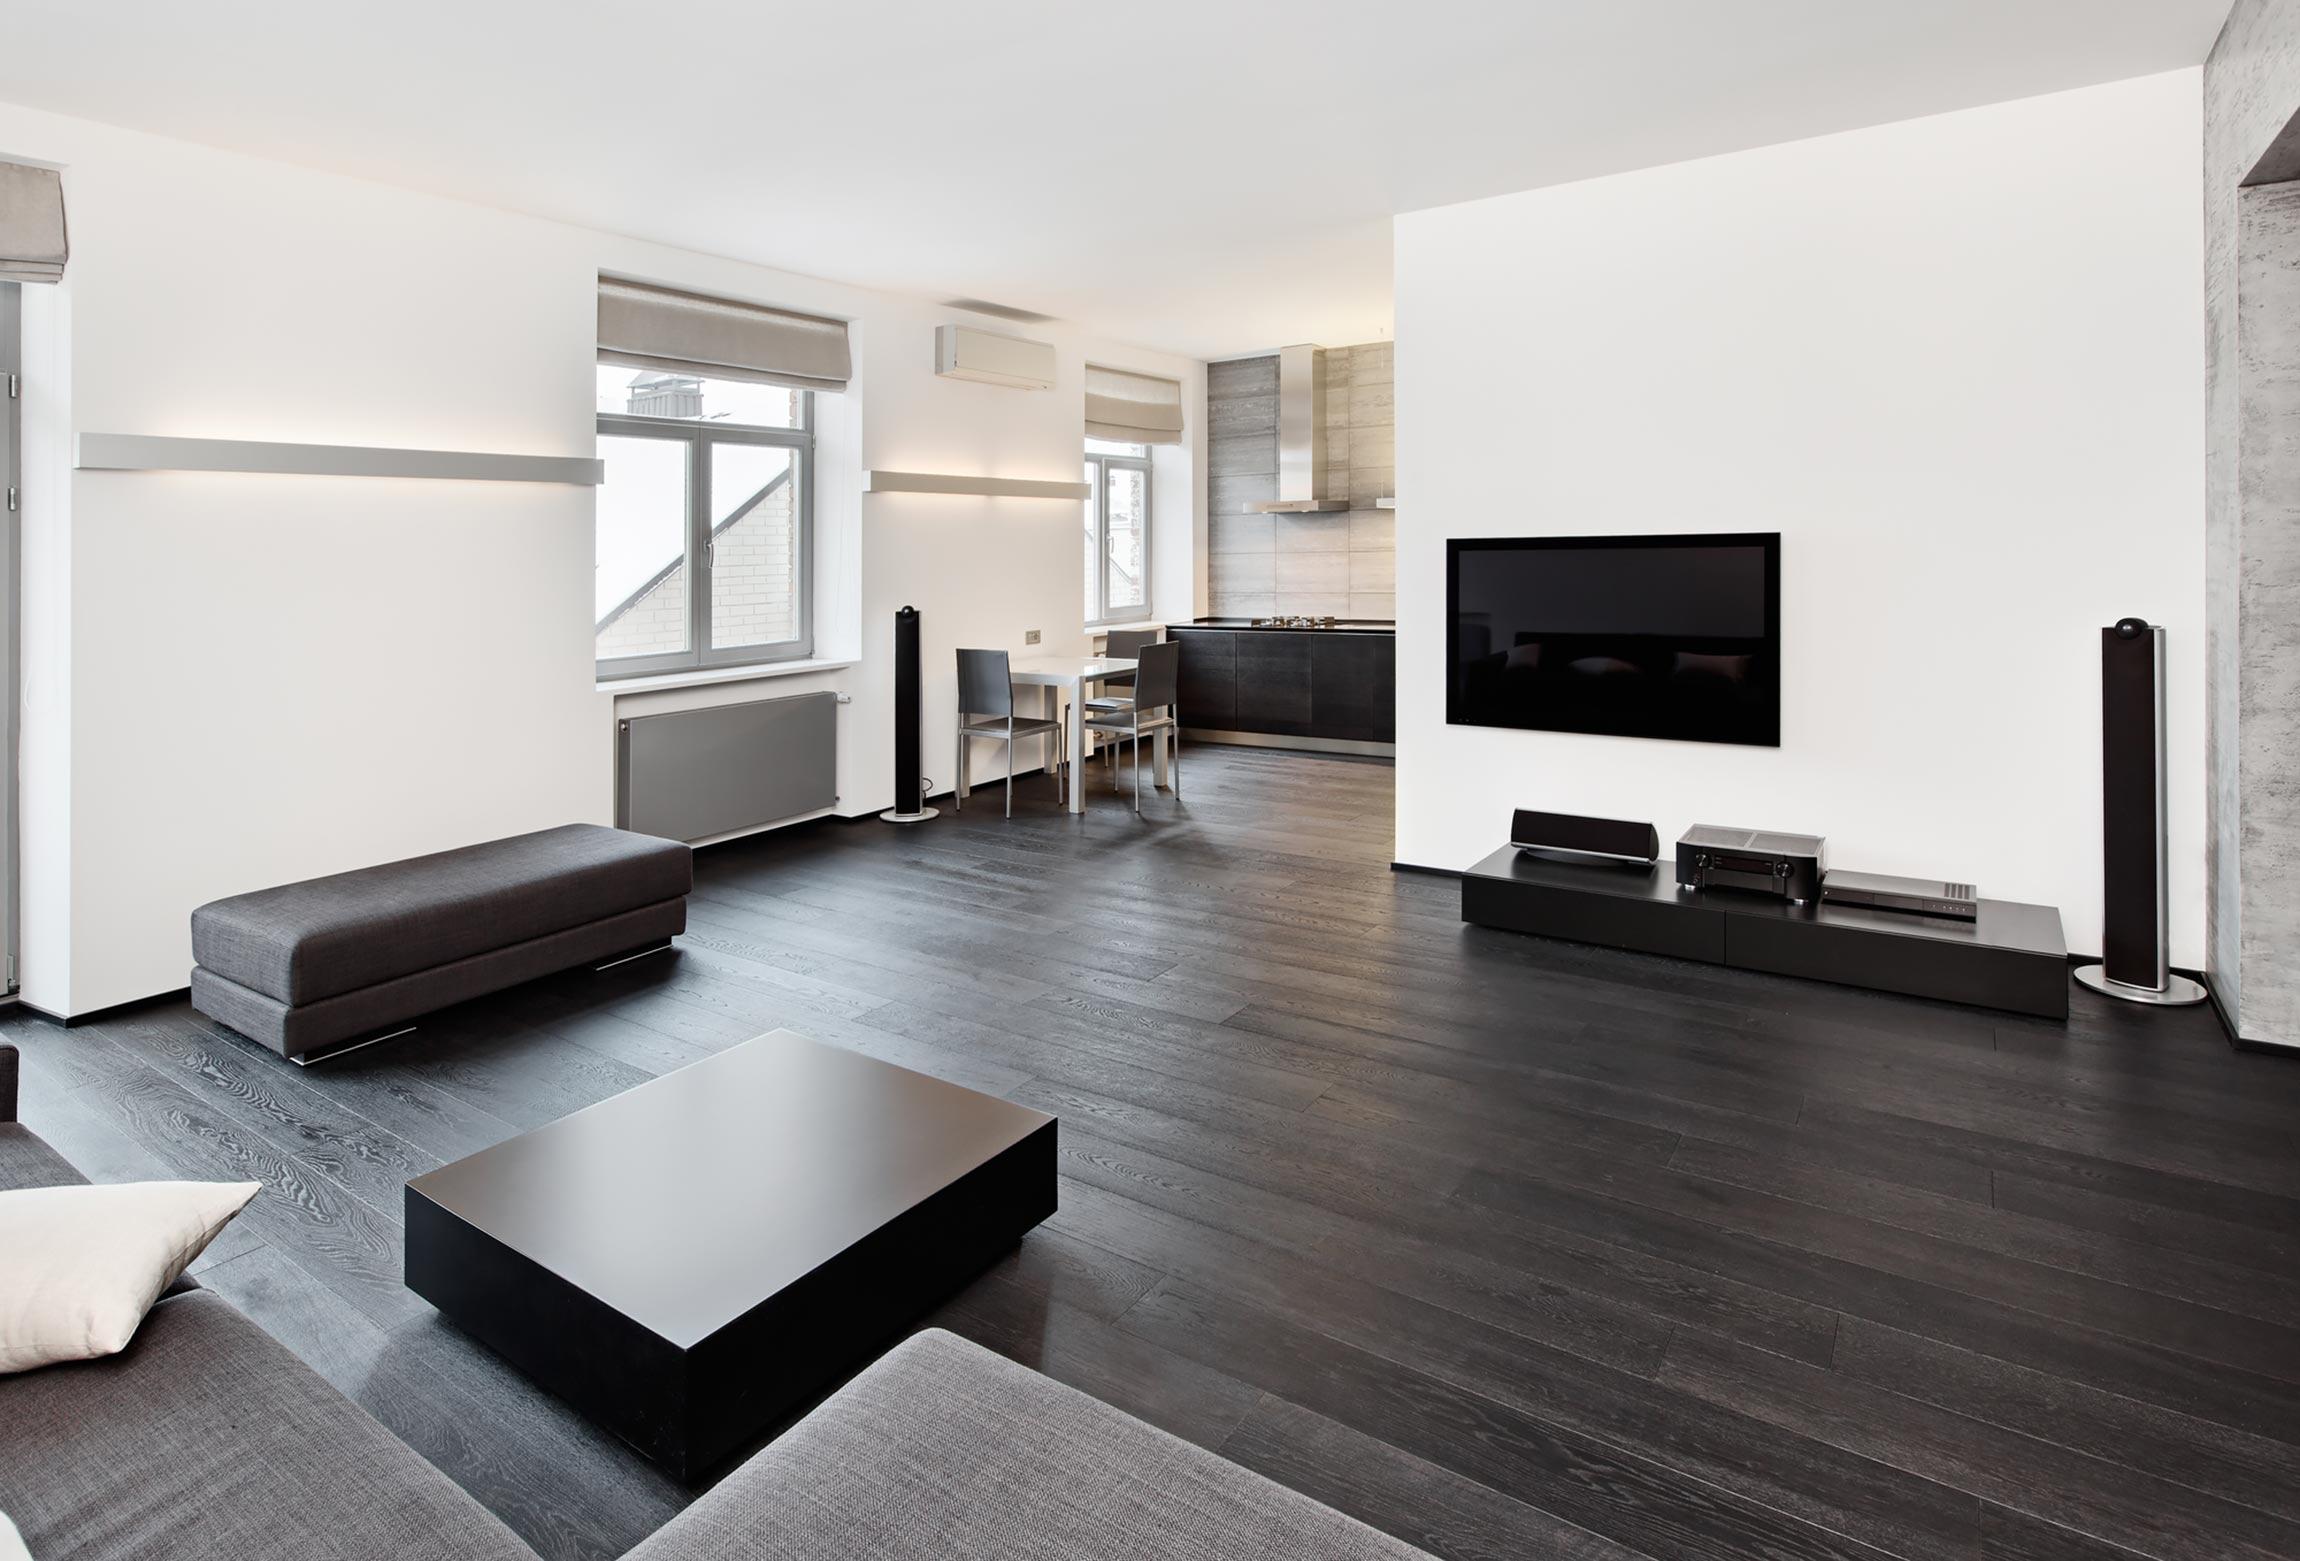 Suelos de casas modernas conoce las 10 opciones canexel for Ambientazioni case moderne